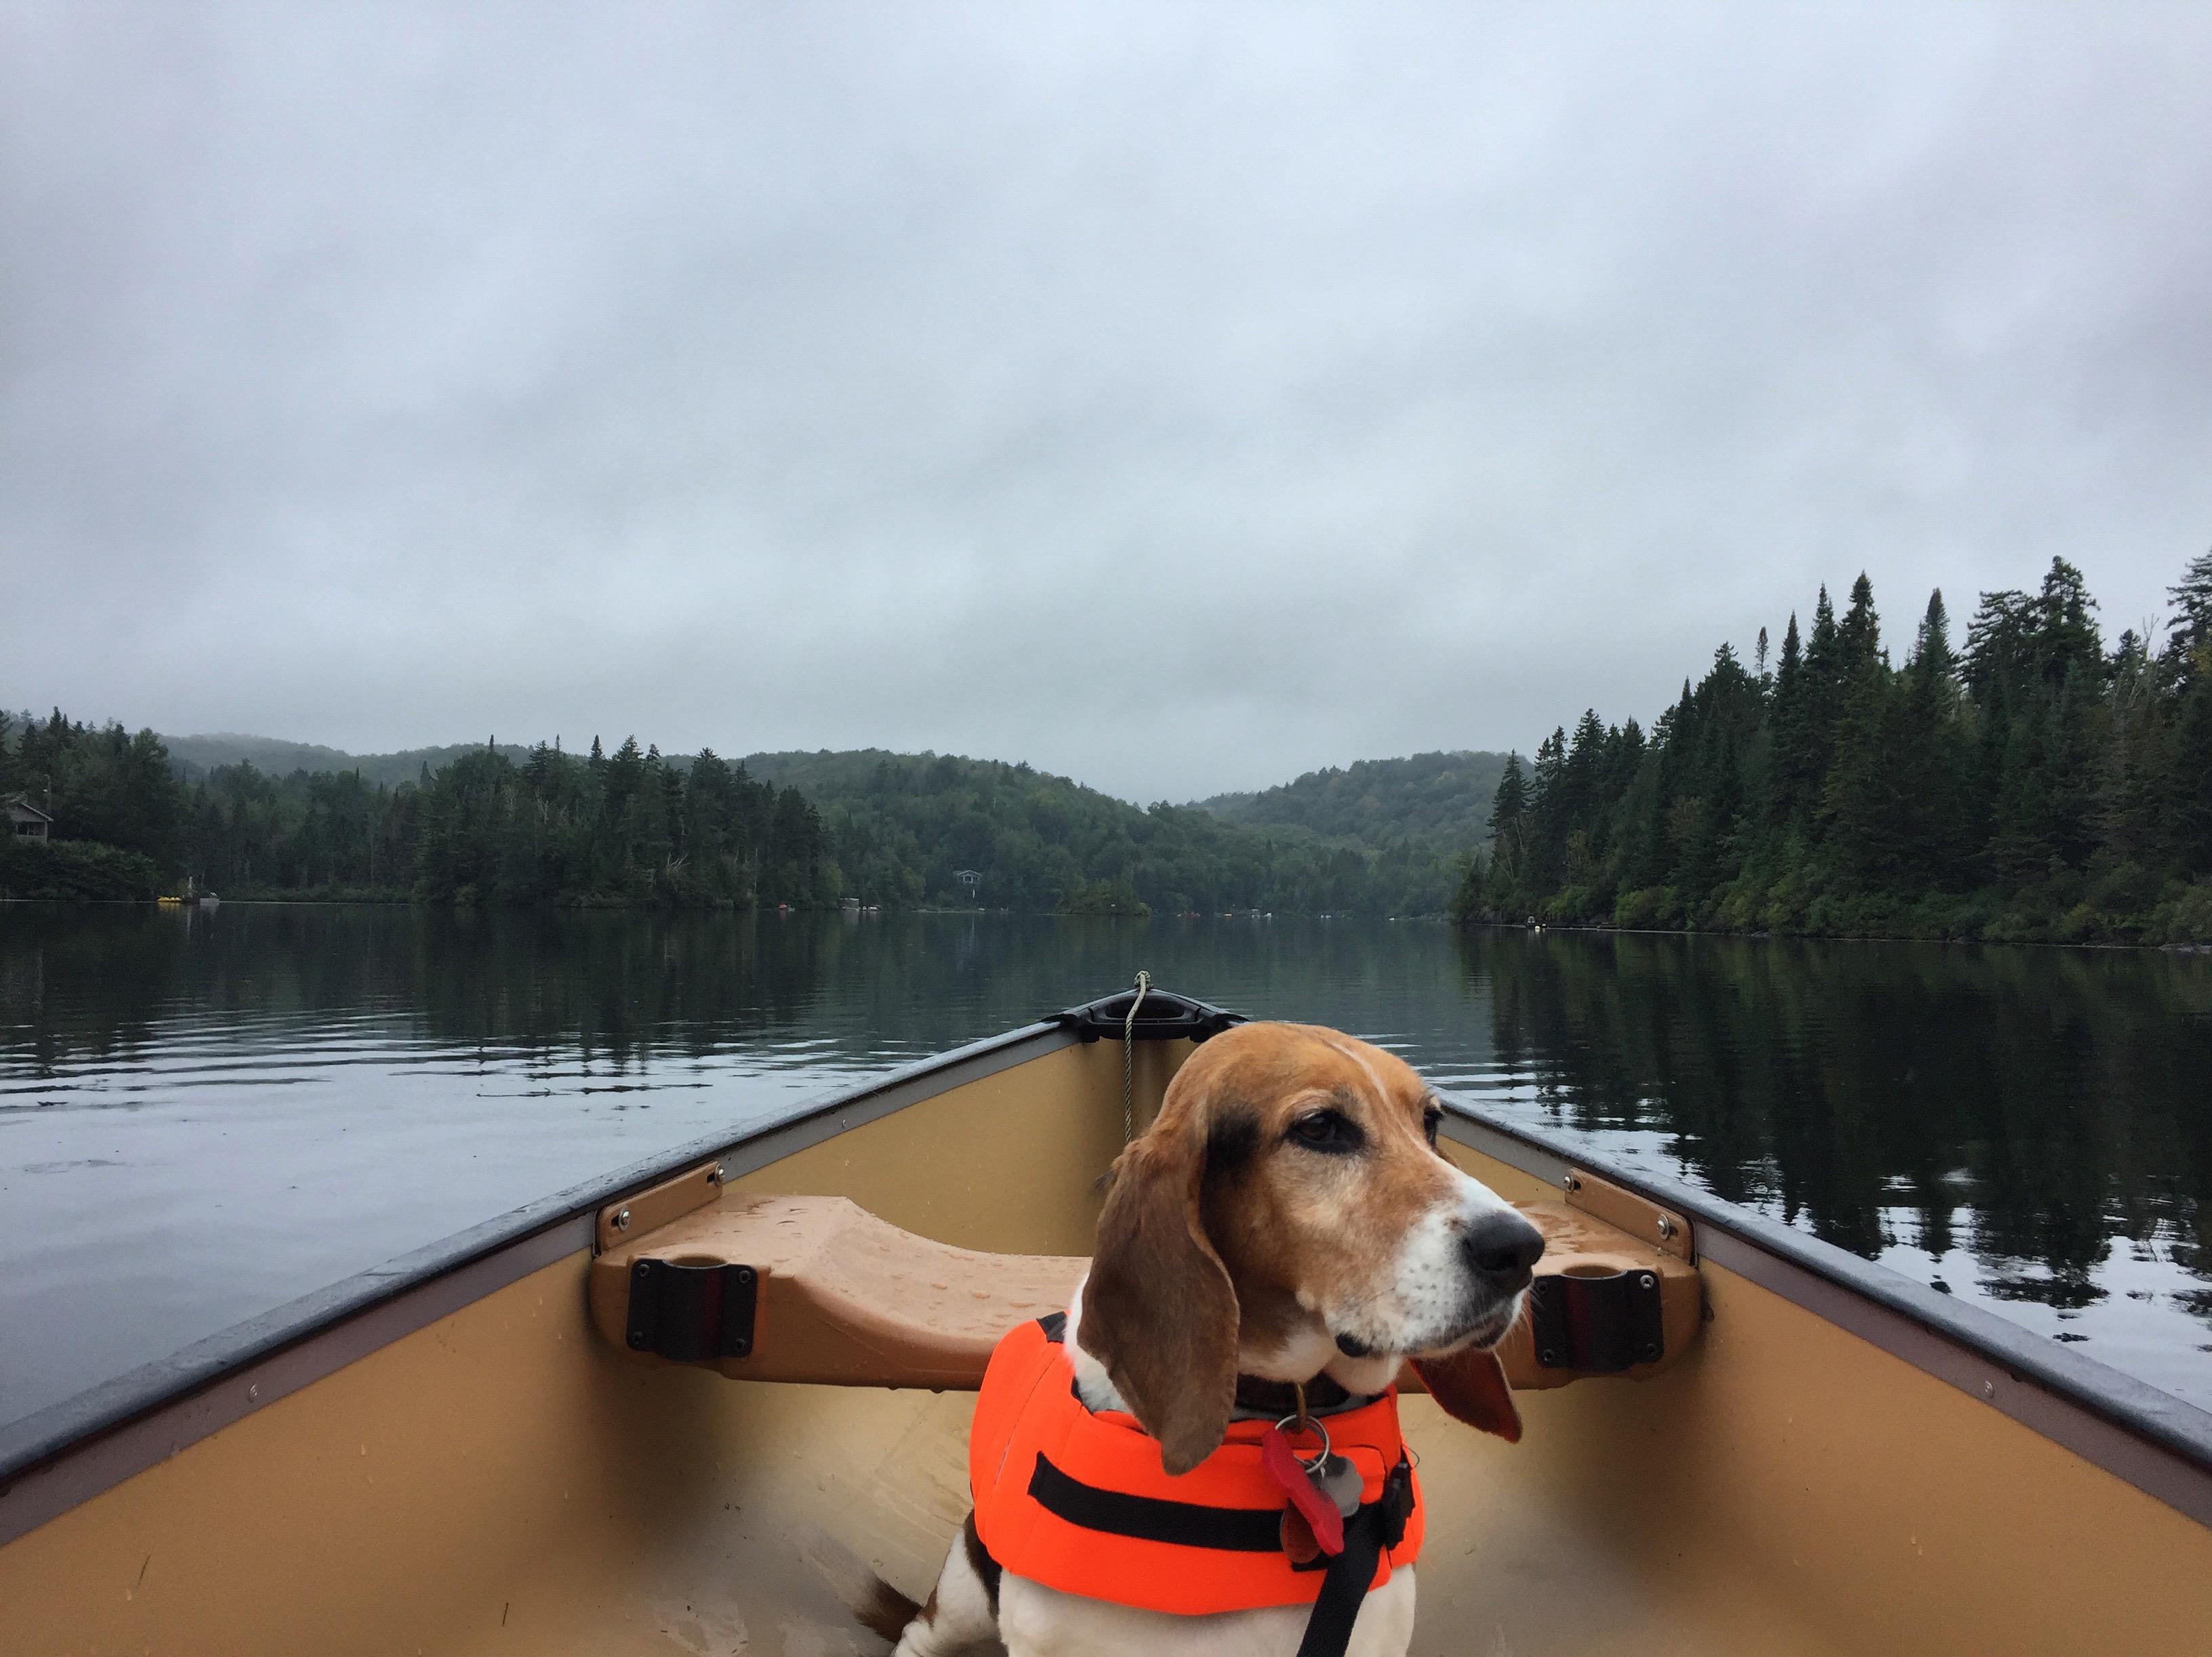 basset hound picture